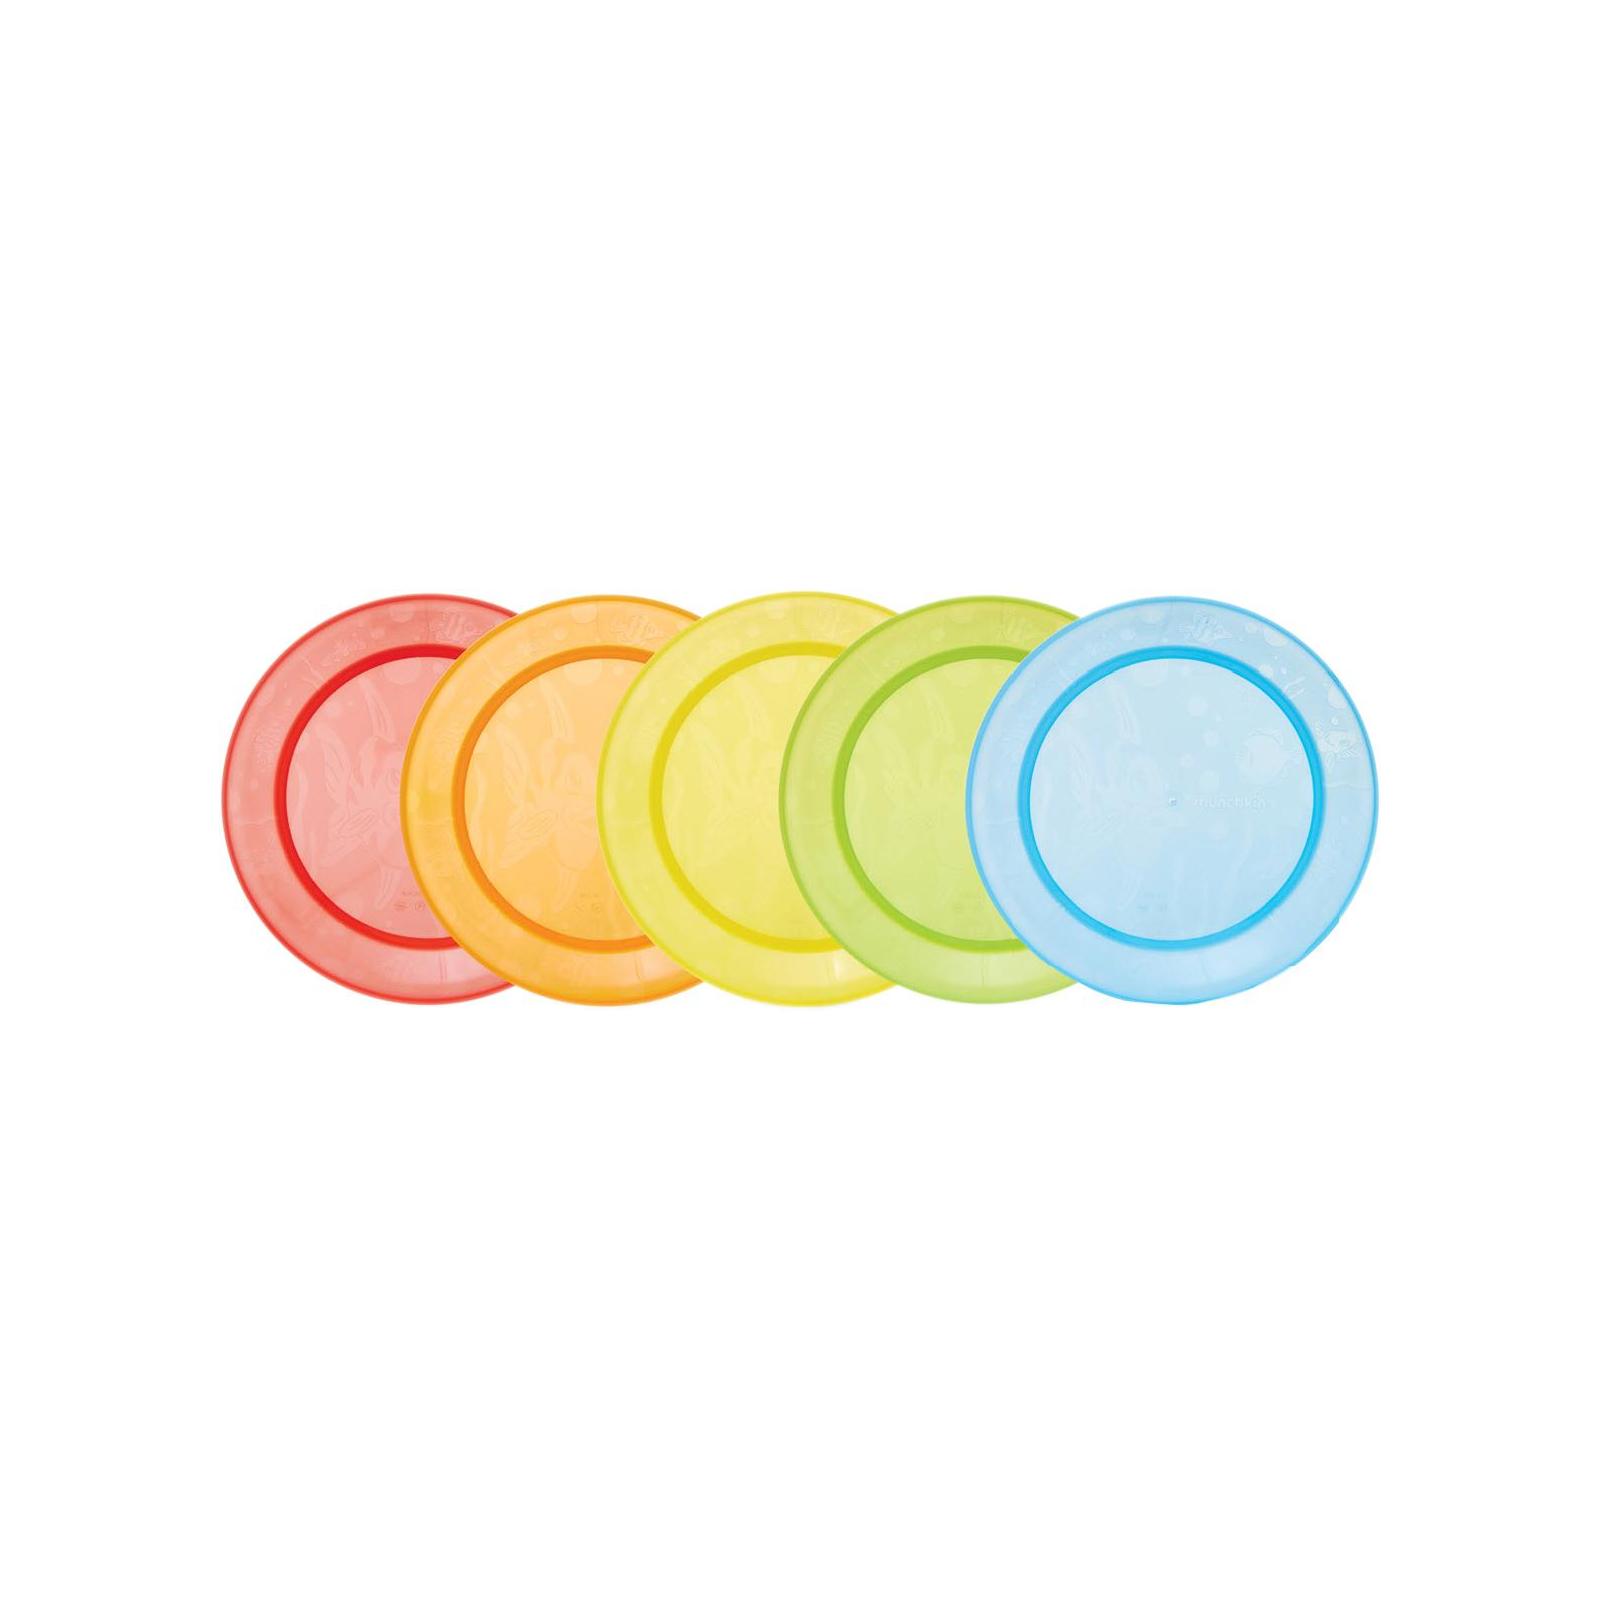 Набор детской посуды Munchkin тарелки разноцветные, 5 шт. (01139001)